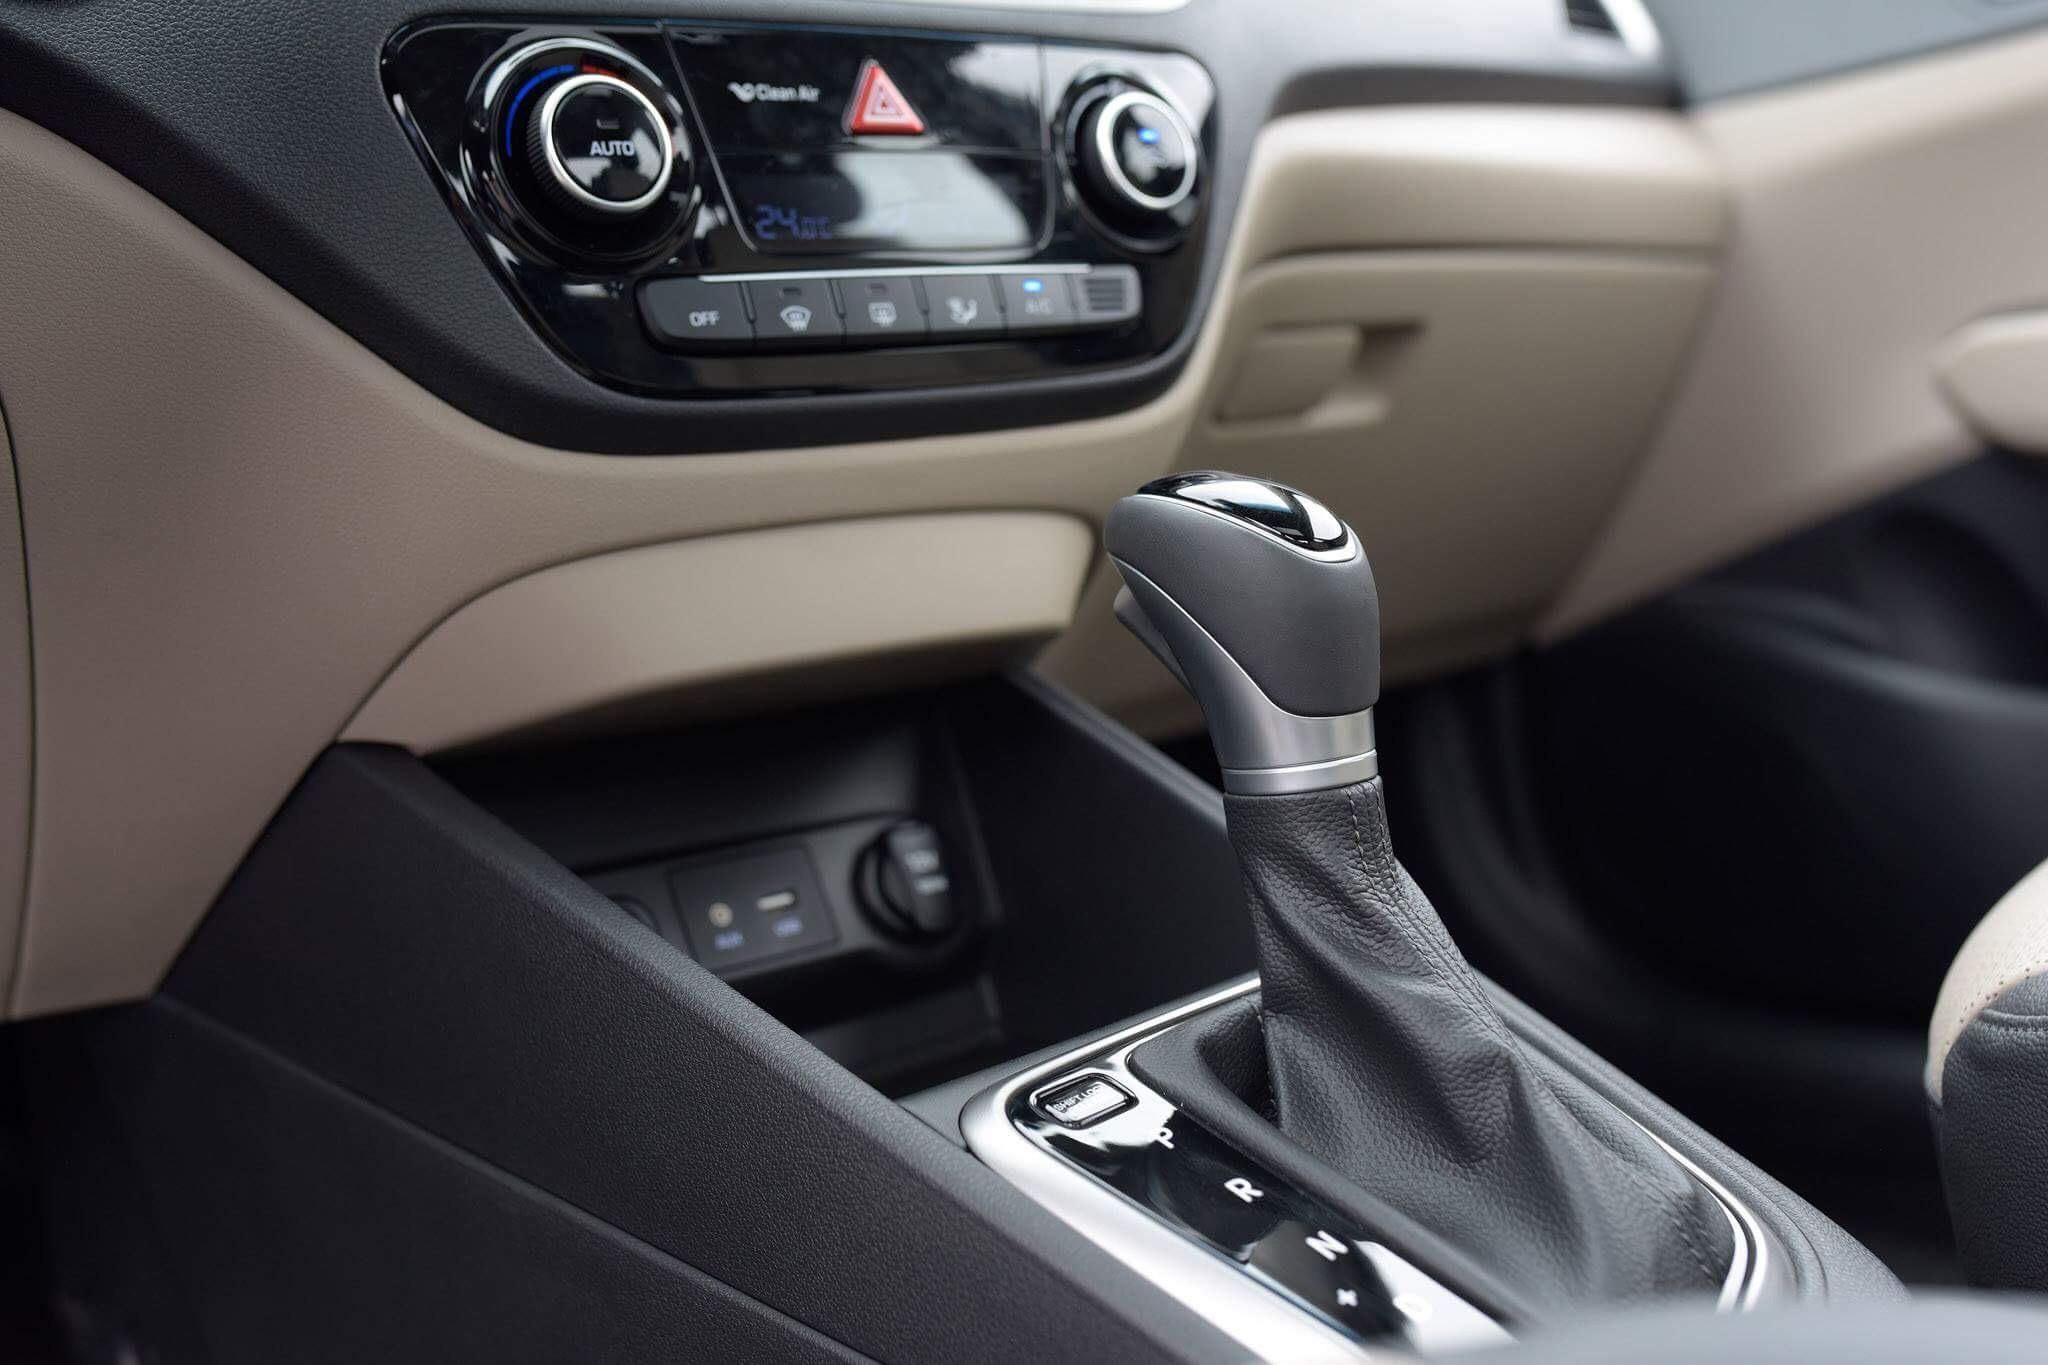 Hyundai accent anh 29 - Hyundai Accent mới: giá xe và khuyến mãi tháng [hienthithang]/[hienthinam]